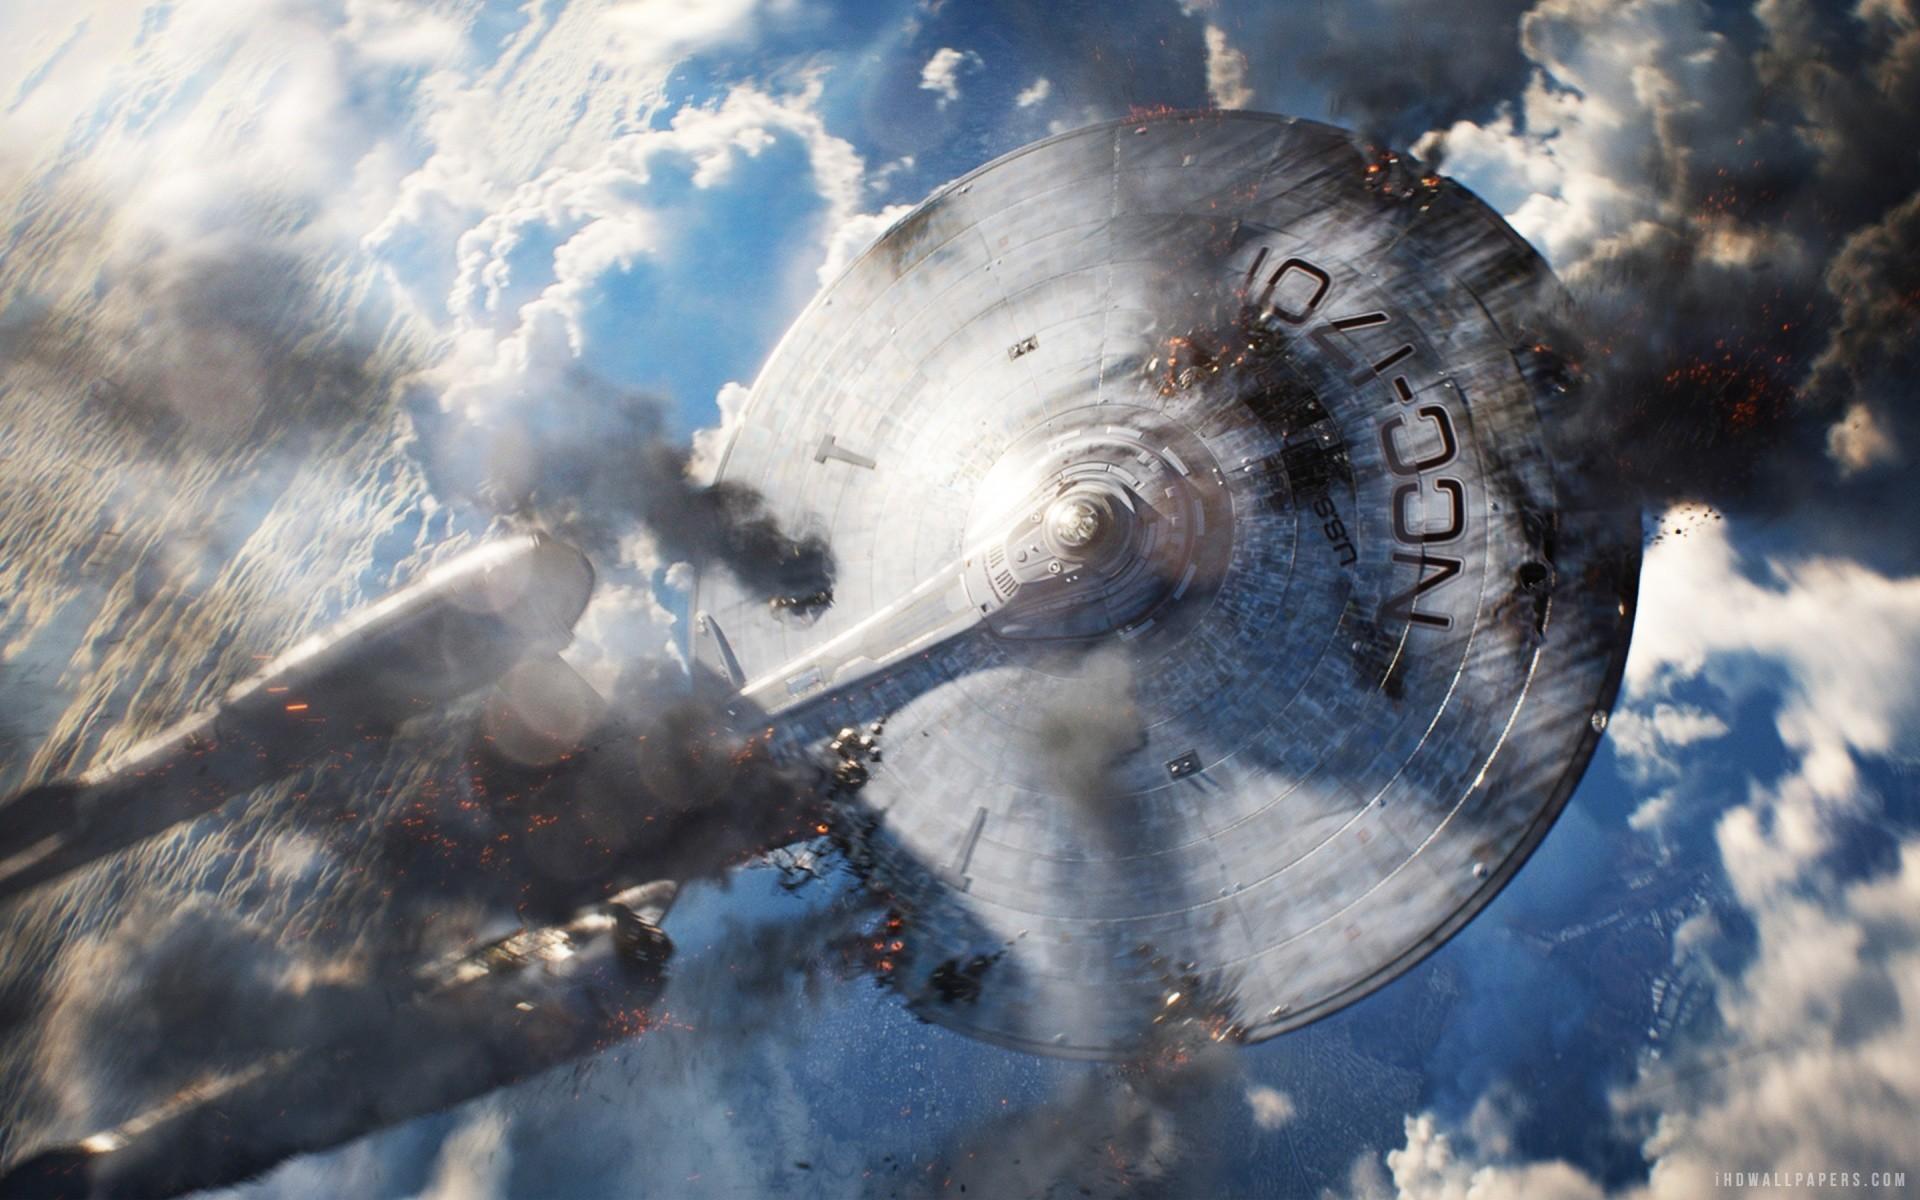 Star Trek Uss Enterprise wallpaper – 420108 0 HTML code. Wide resolutions:  1280 x 800 1440 x 900 1680 x 1050 1920 x 1200 2560